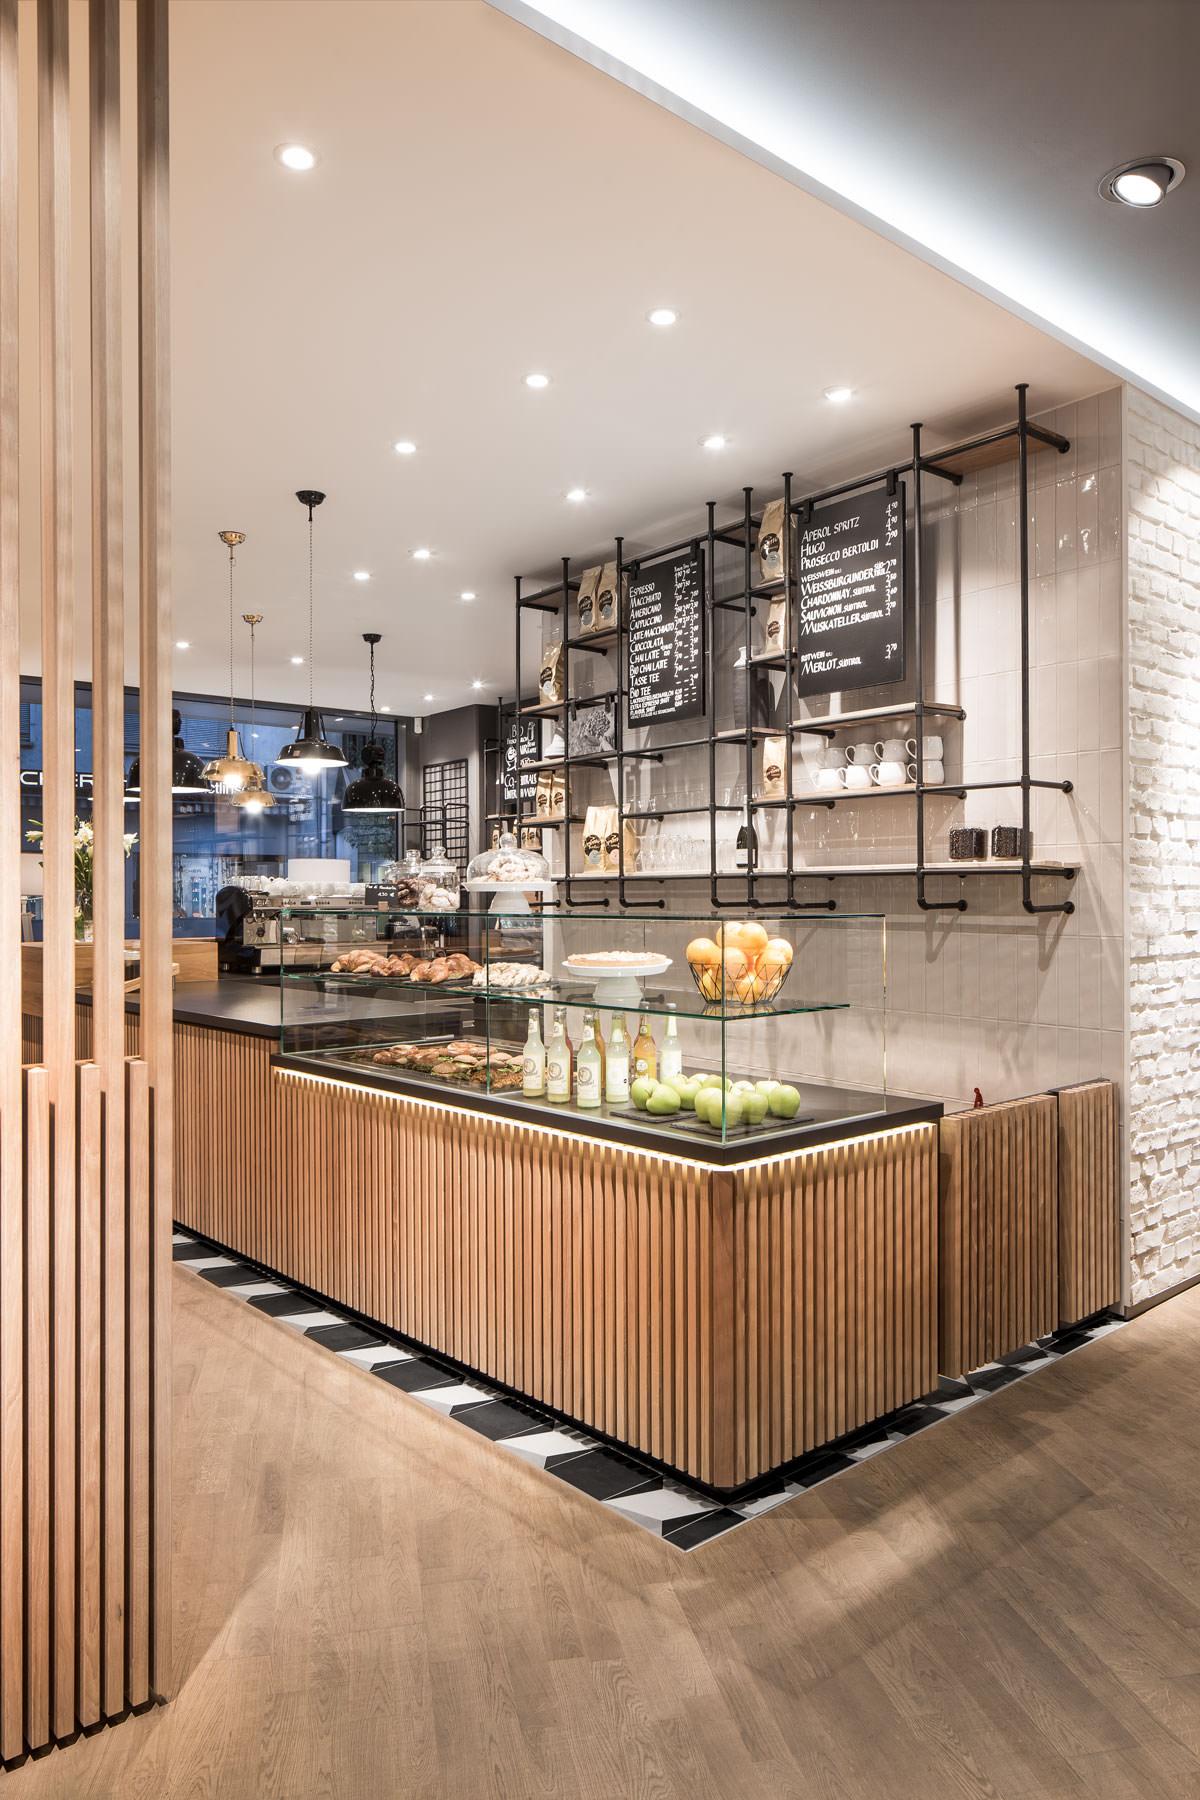 Primo cafe bar t bingen dia dittel architekten for Restaurant design innenarchitektur